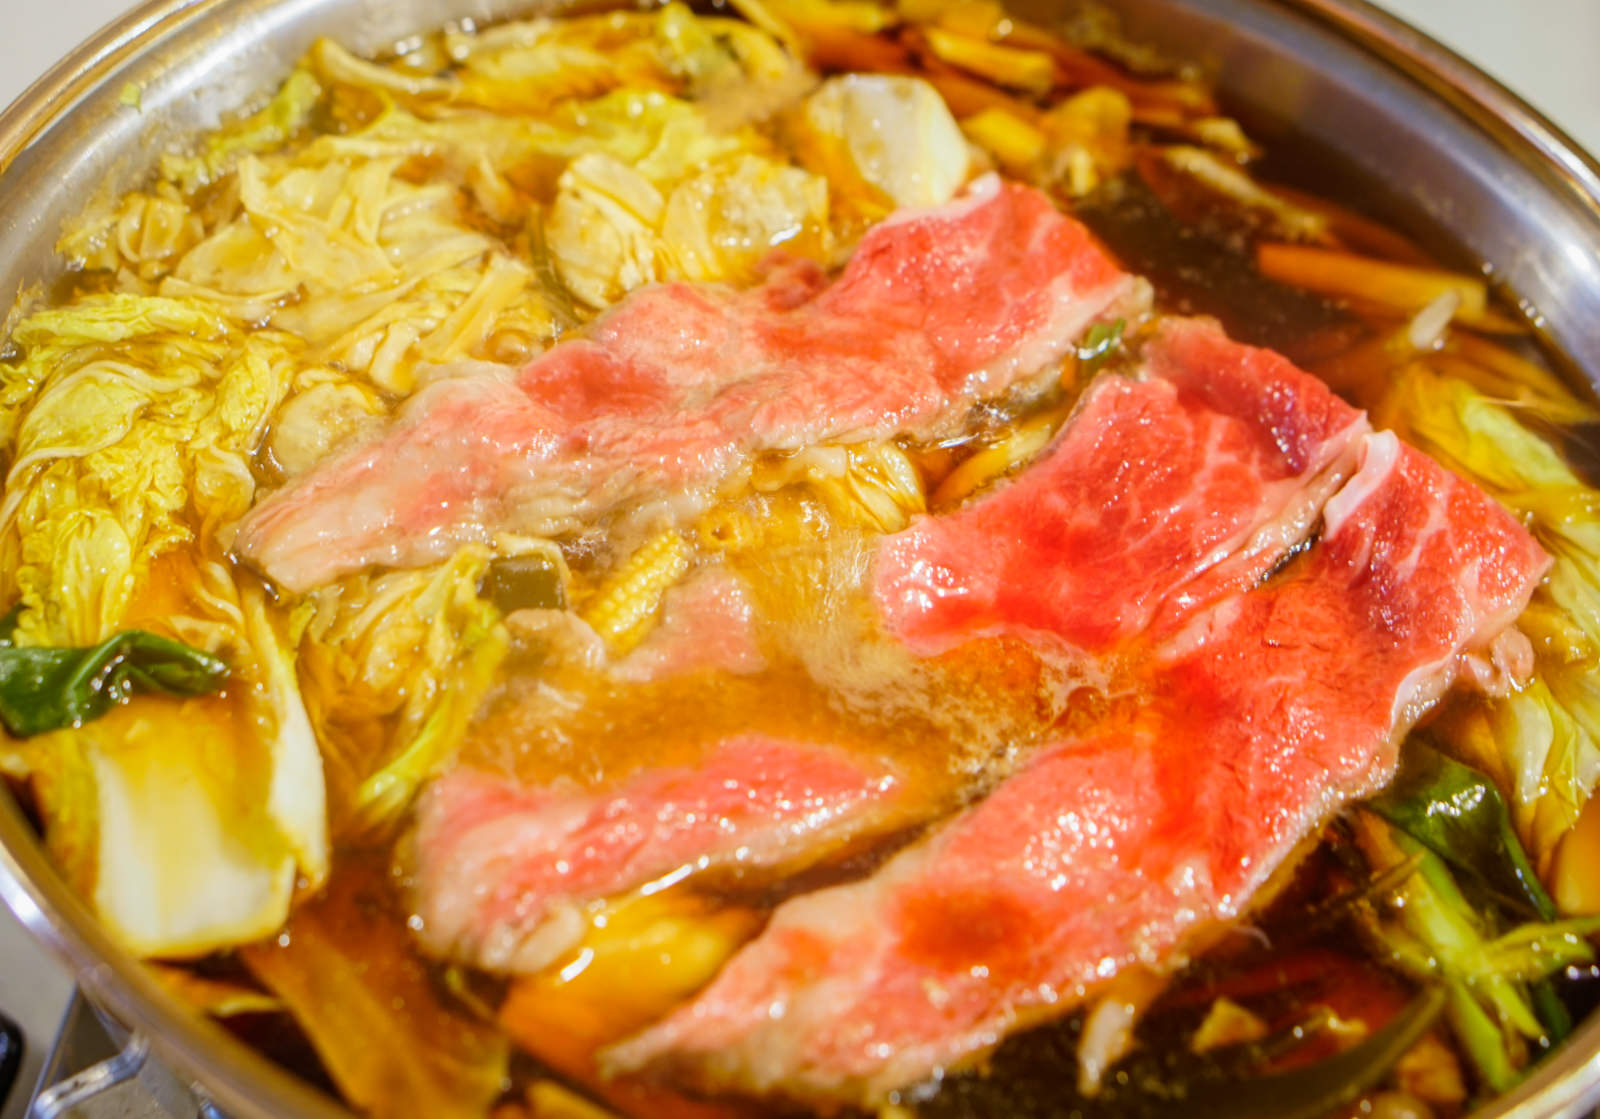 [高雄]東京地鉄壽司手作料理-純正日式味壽喜燒! 涮高檔牛小排肉 高雄壽喜燒推薦 @美食好芃友